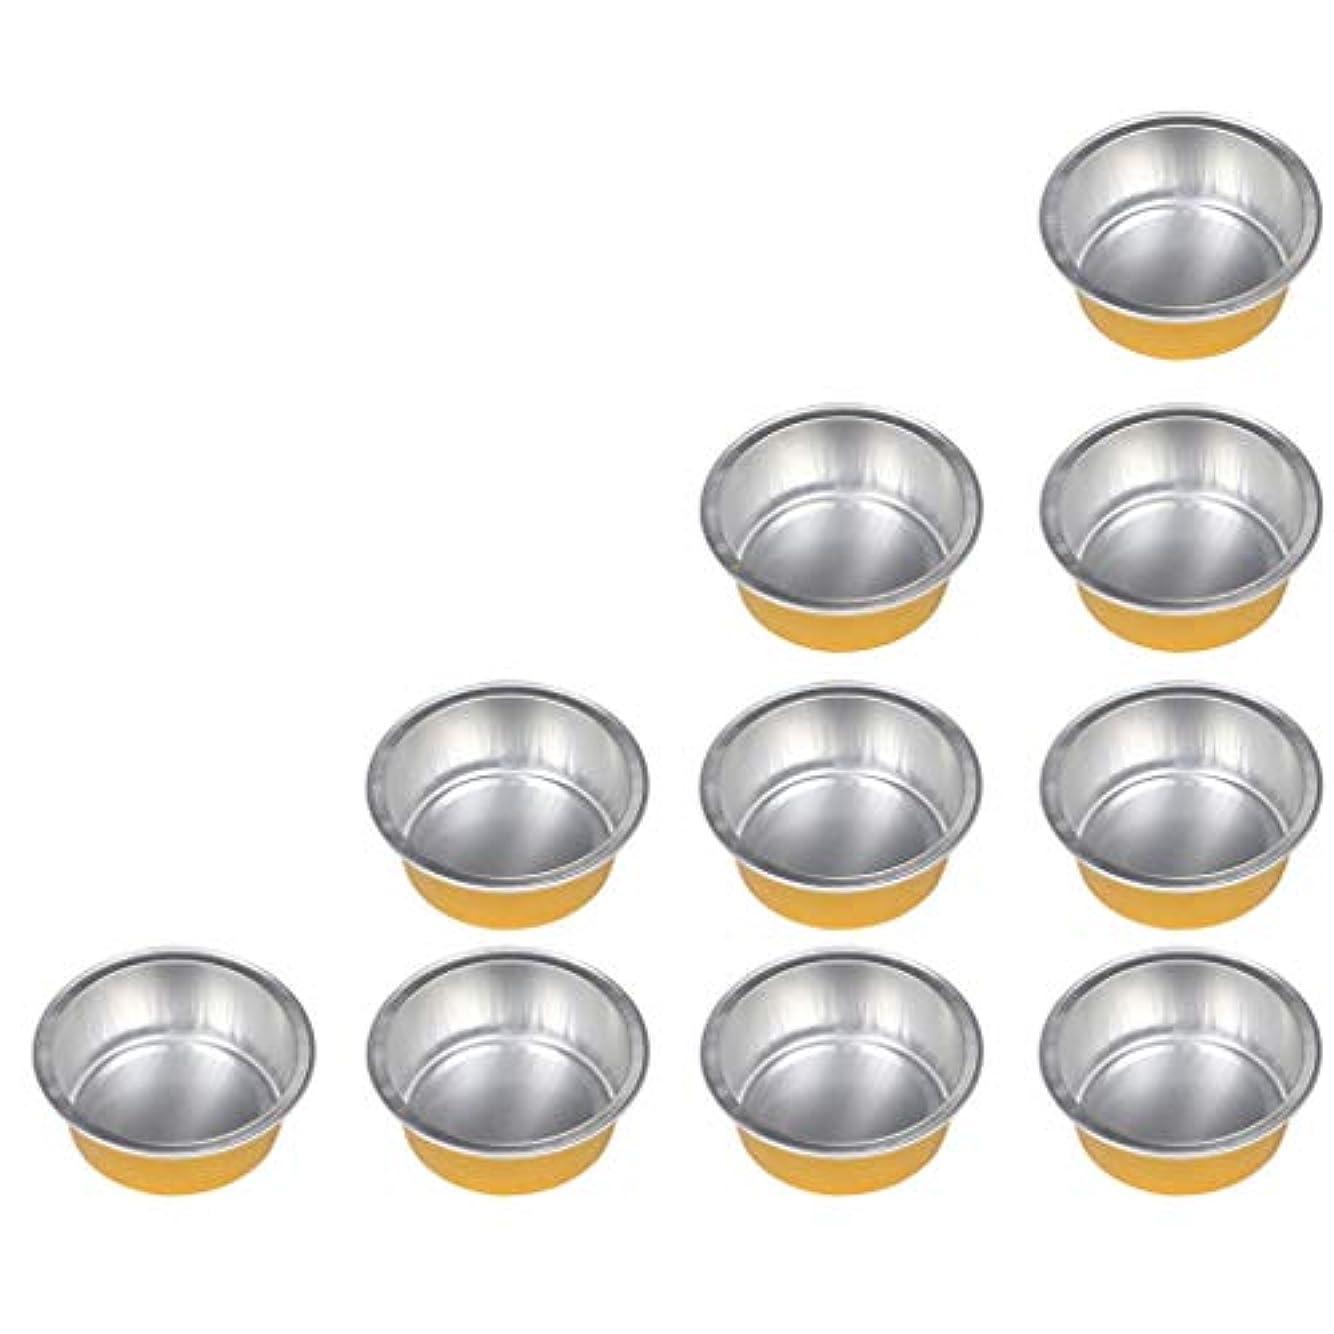 スペシャリスト引き金単語アルミホイルボウル 脱毛 毛除去 10個セット ミニ ワックス豆体 融解 2種選ぶ - ゴールデン1, 01